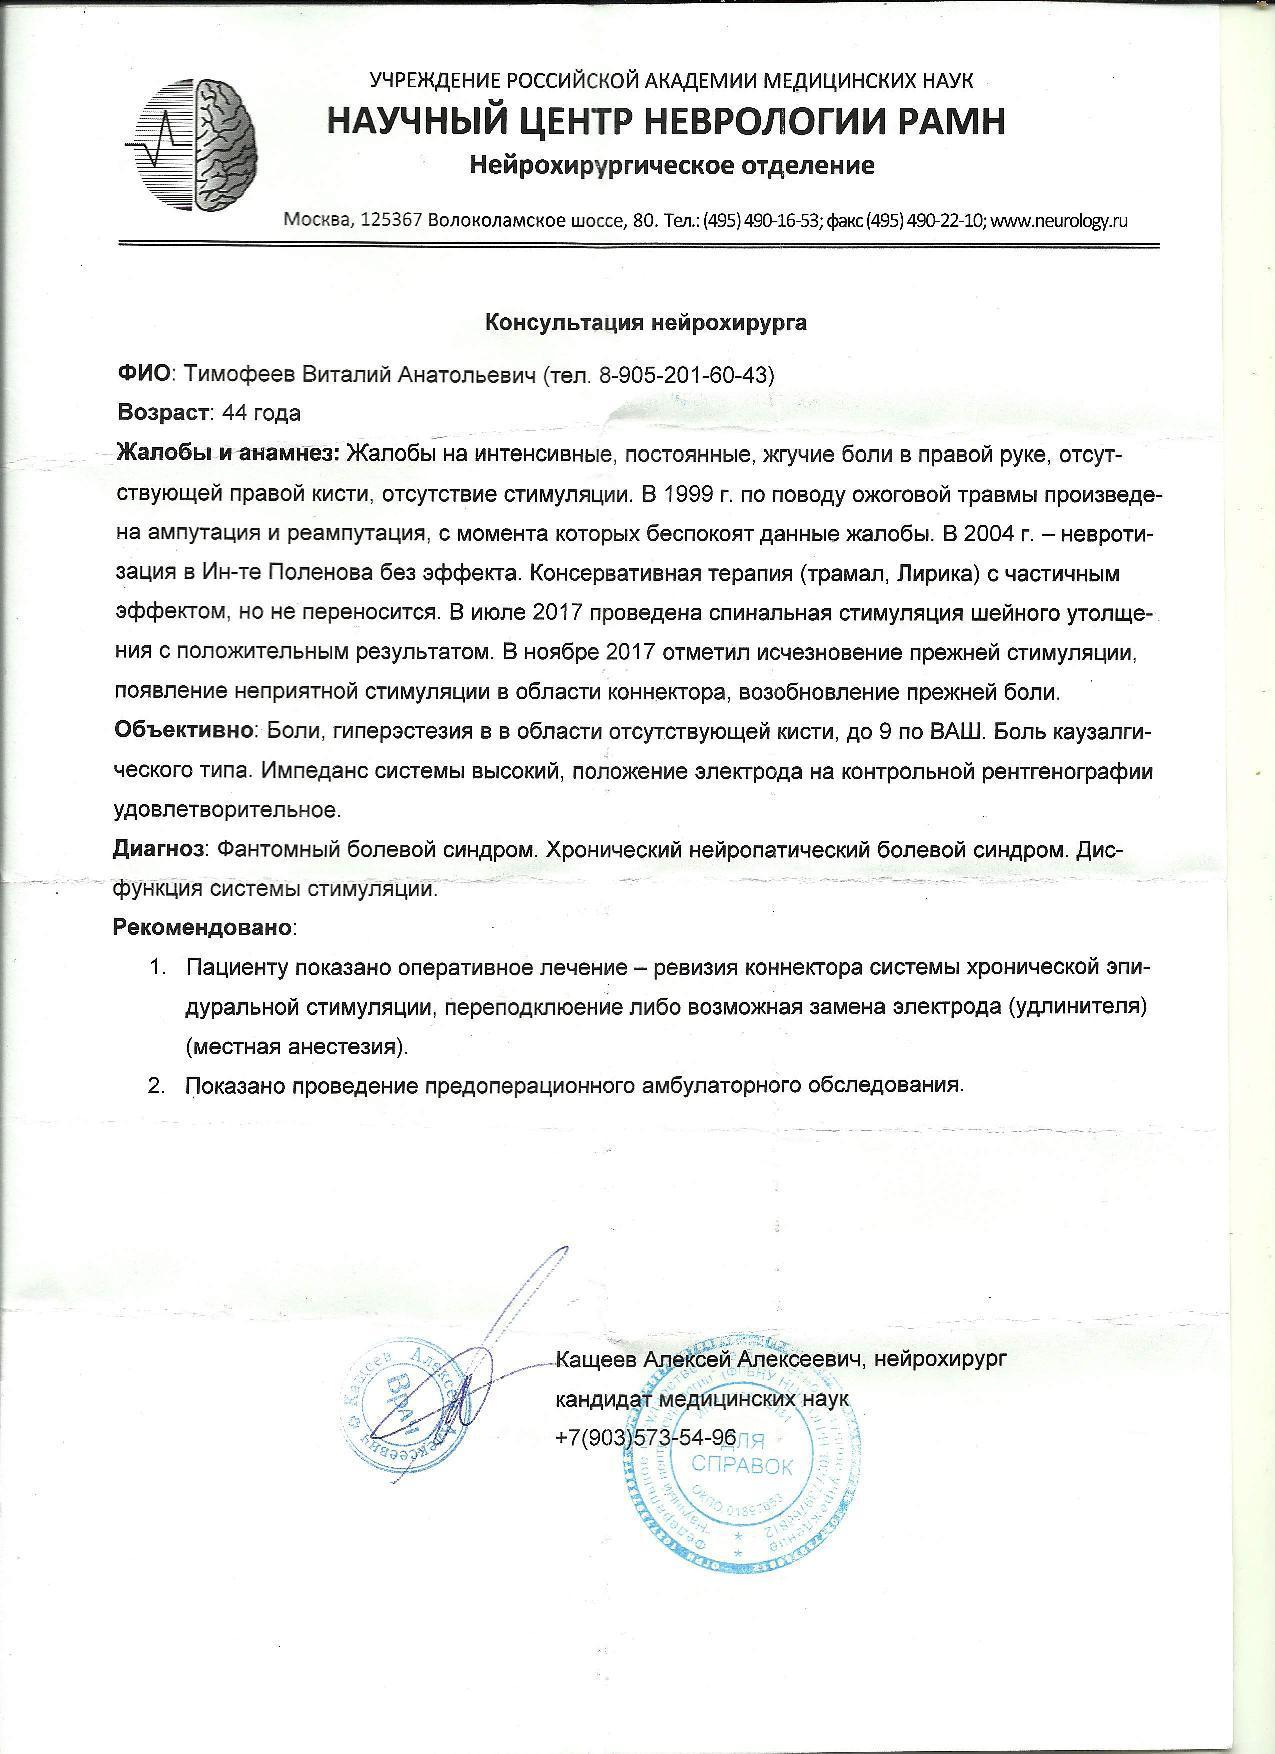 Срочно помочь коллеге - Виталию Тимофееву